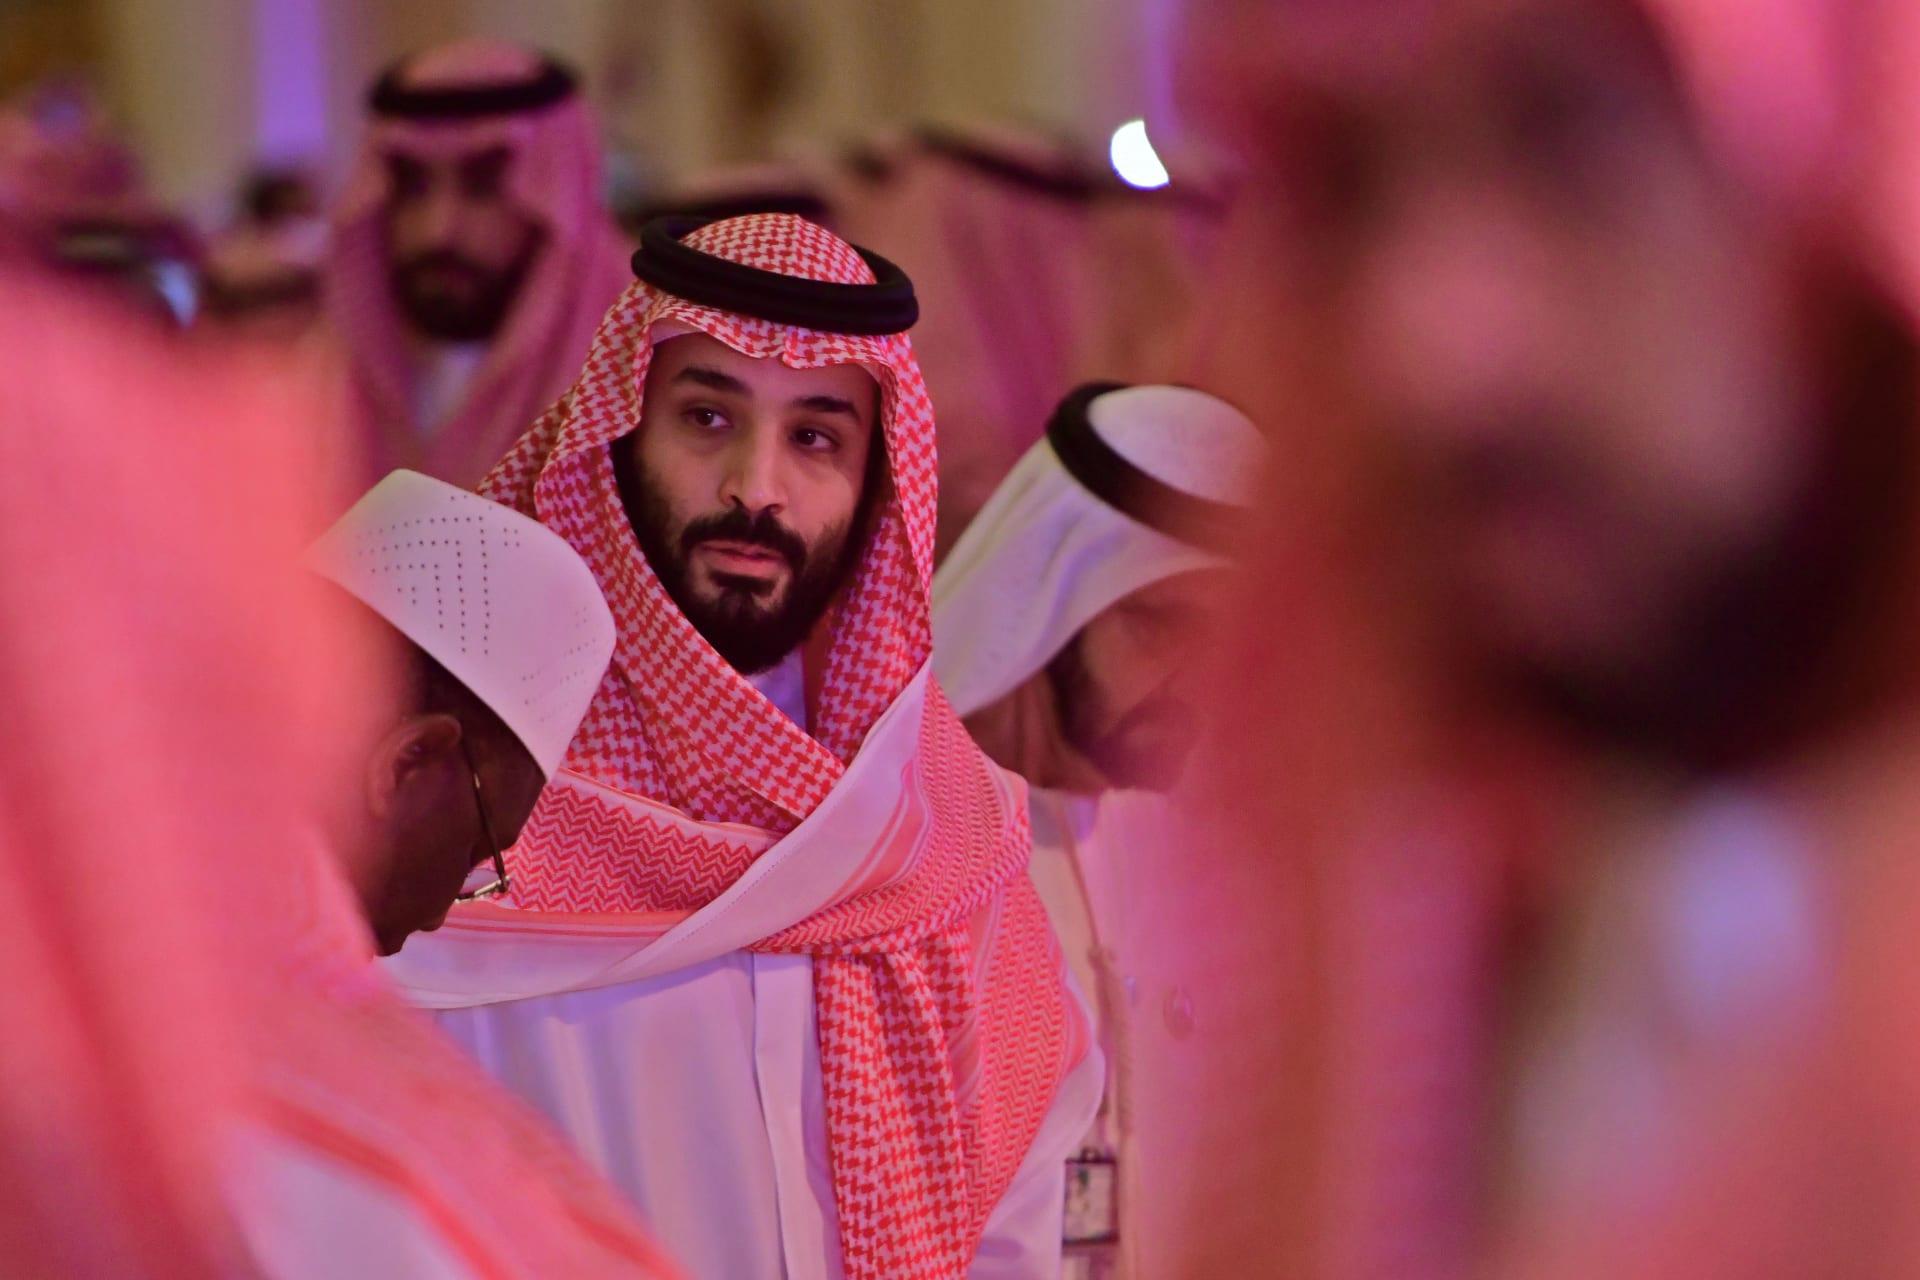 بعد أنباء عن لقاءات جمعتها بمحمد بن سلمان.. رغد صدام حسين: خيال مريض